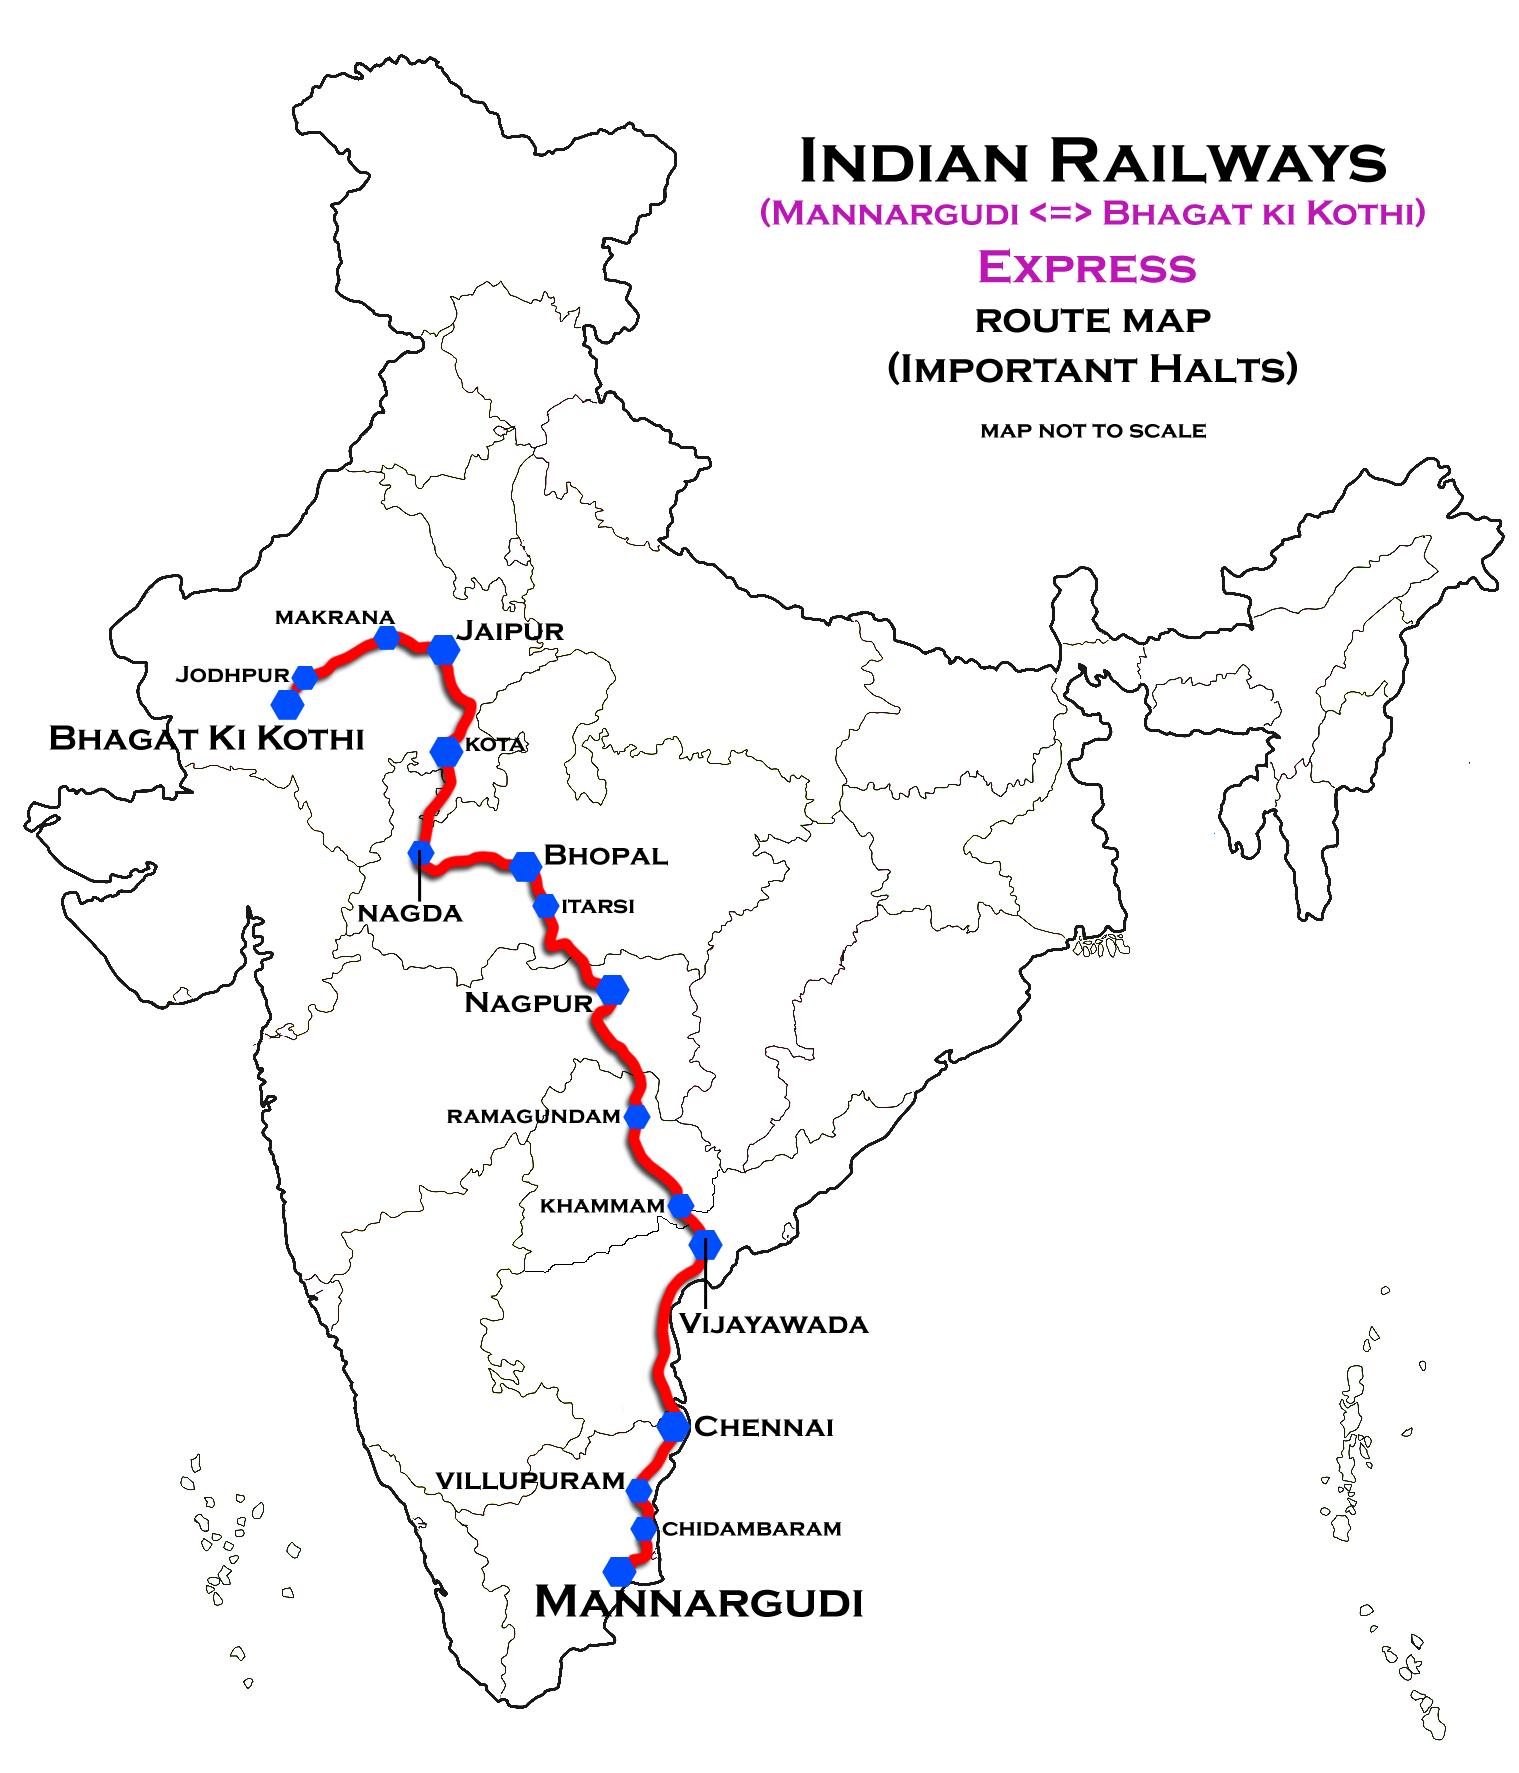 Bhagat Ki Kothi - Mannargudi Weekly Express - Wikipedia